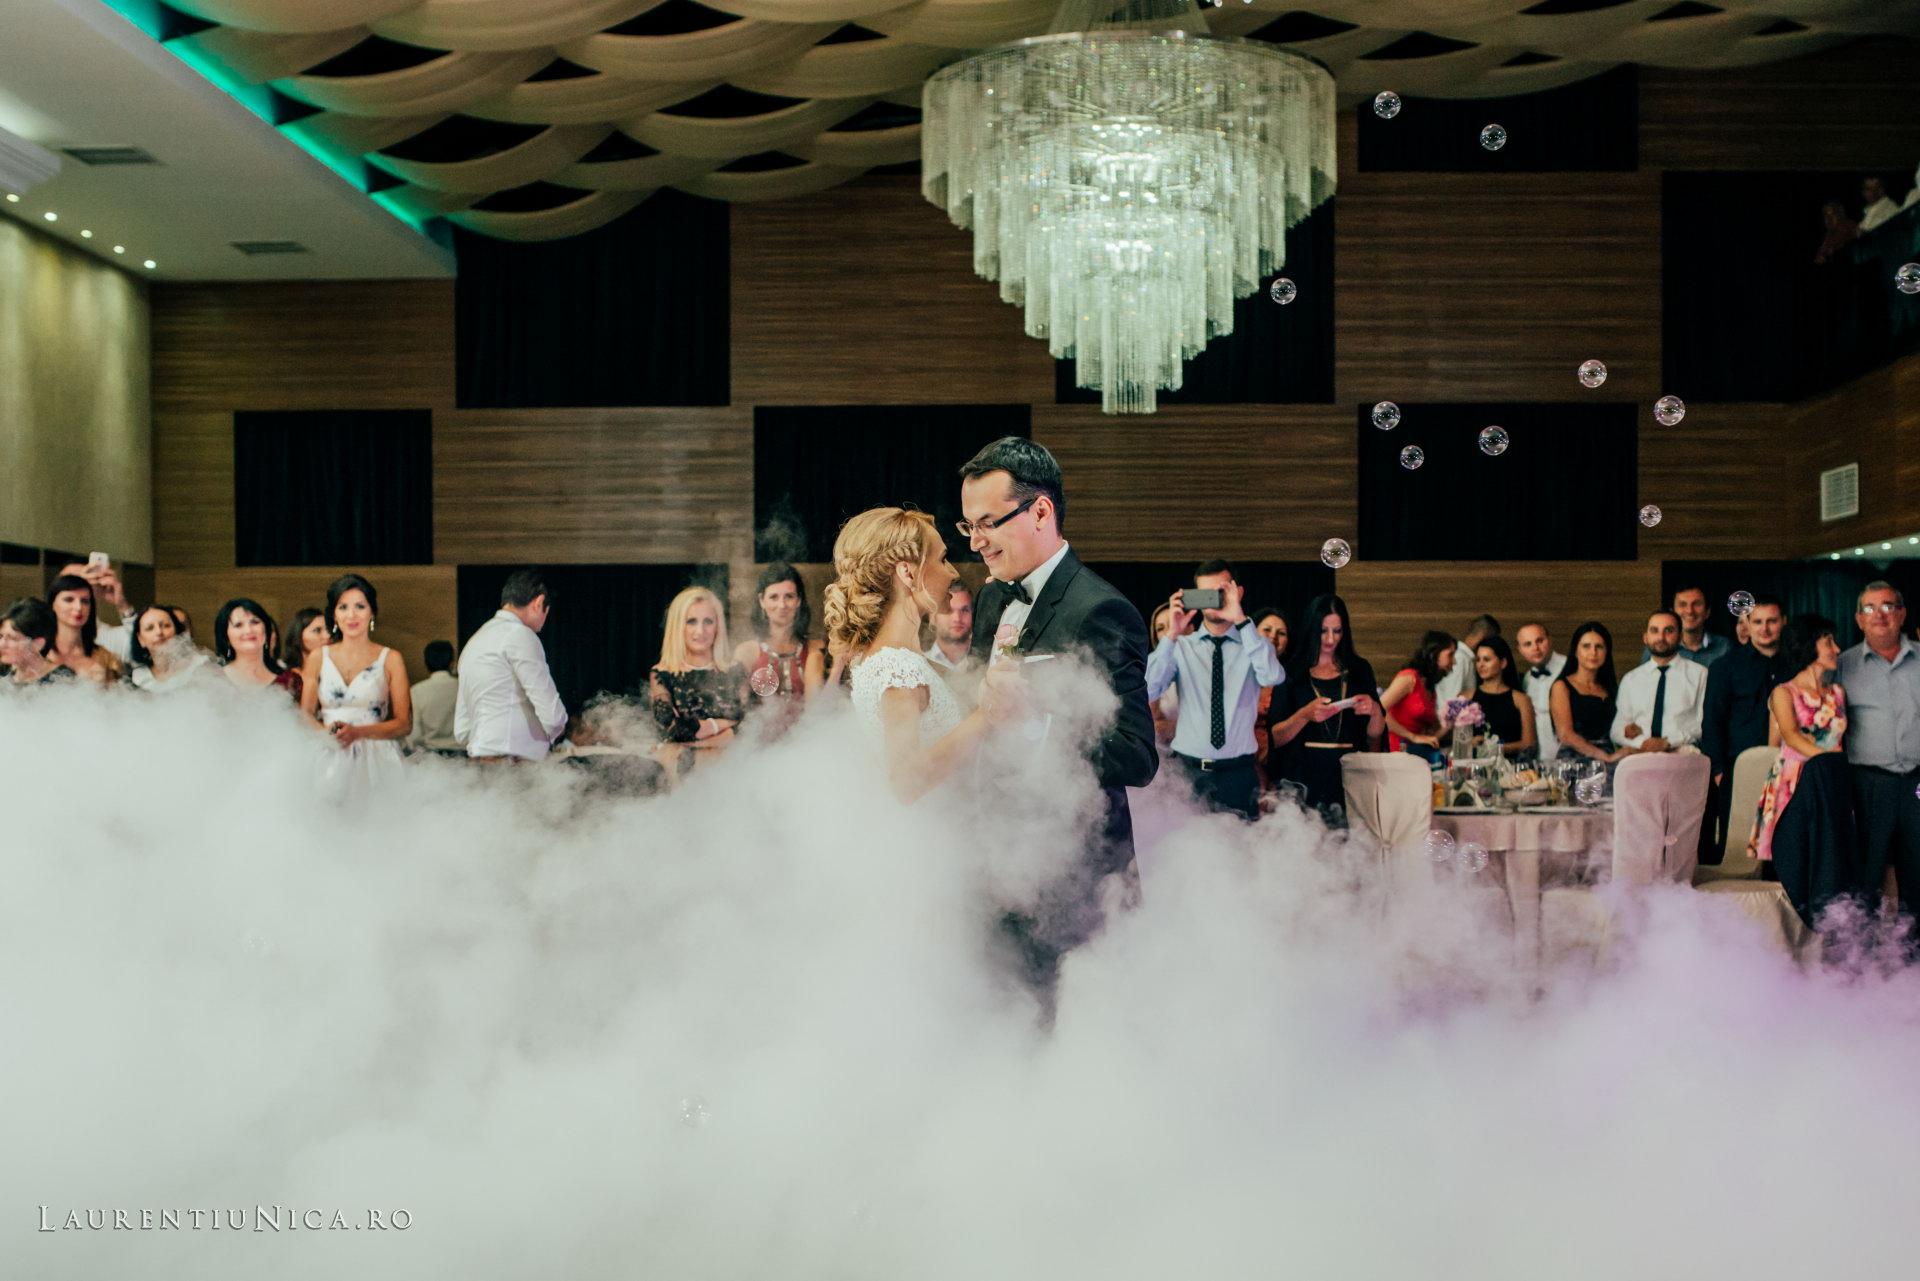 alina si razvan craiova fotograf nunta laurentiu nica75 - Alina & Razvan | Fotografii nunta